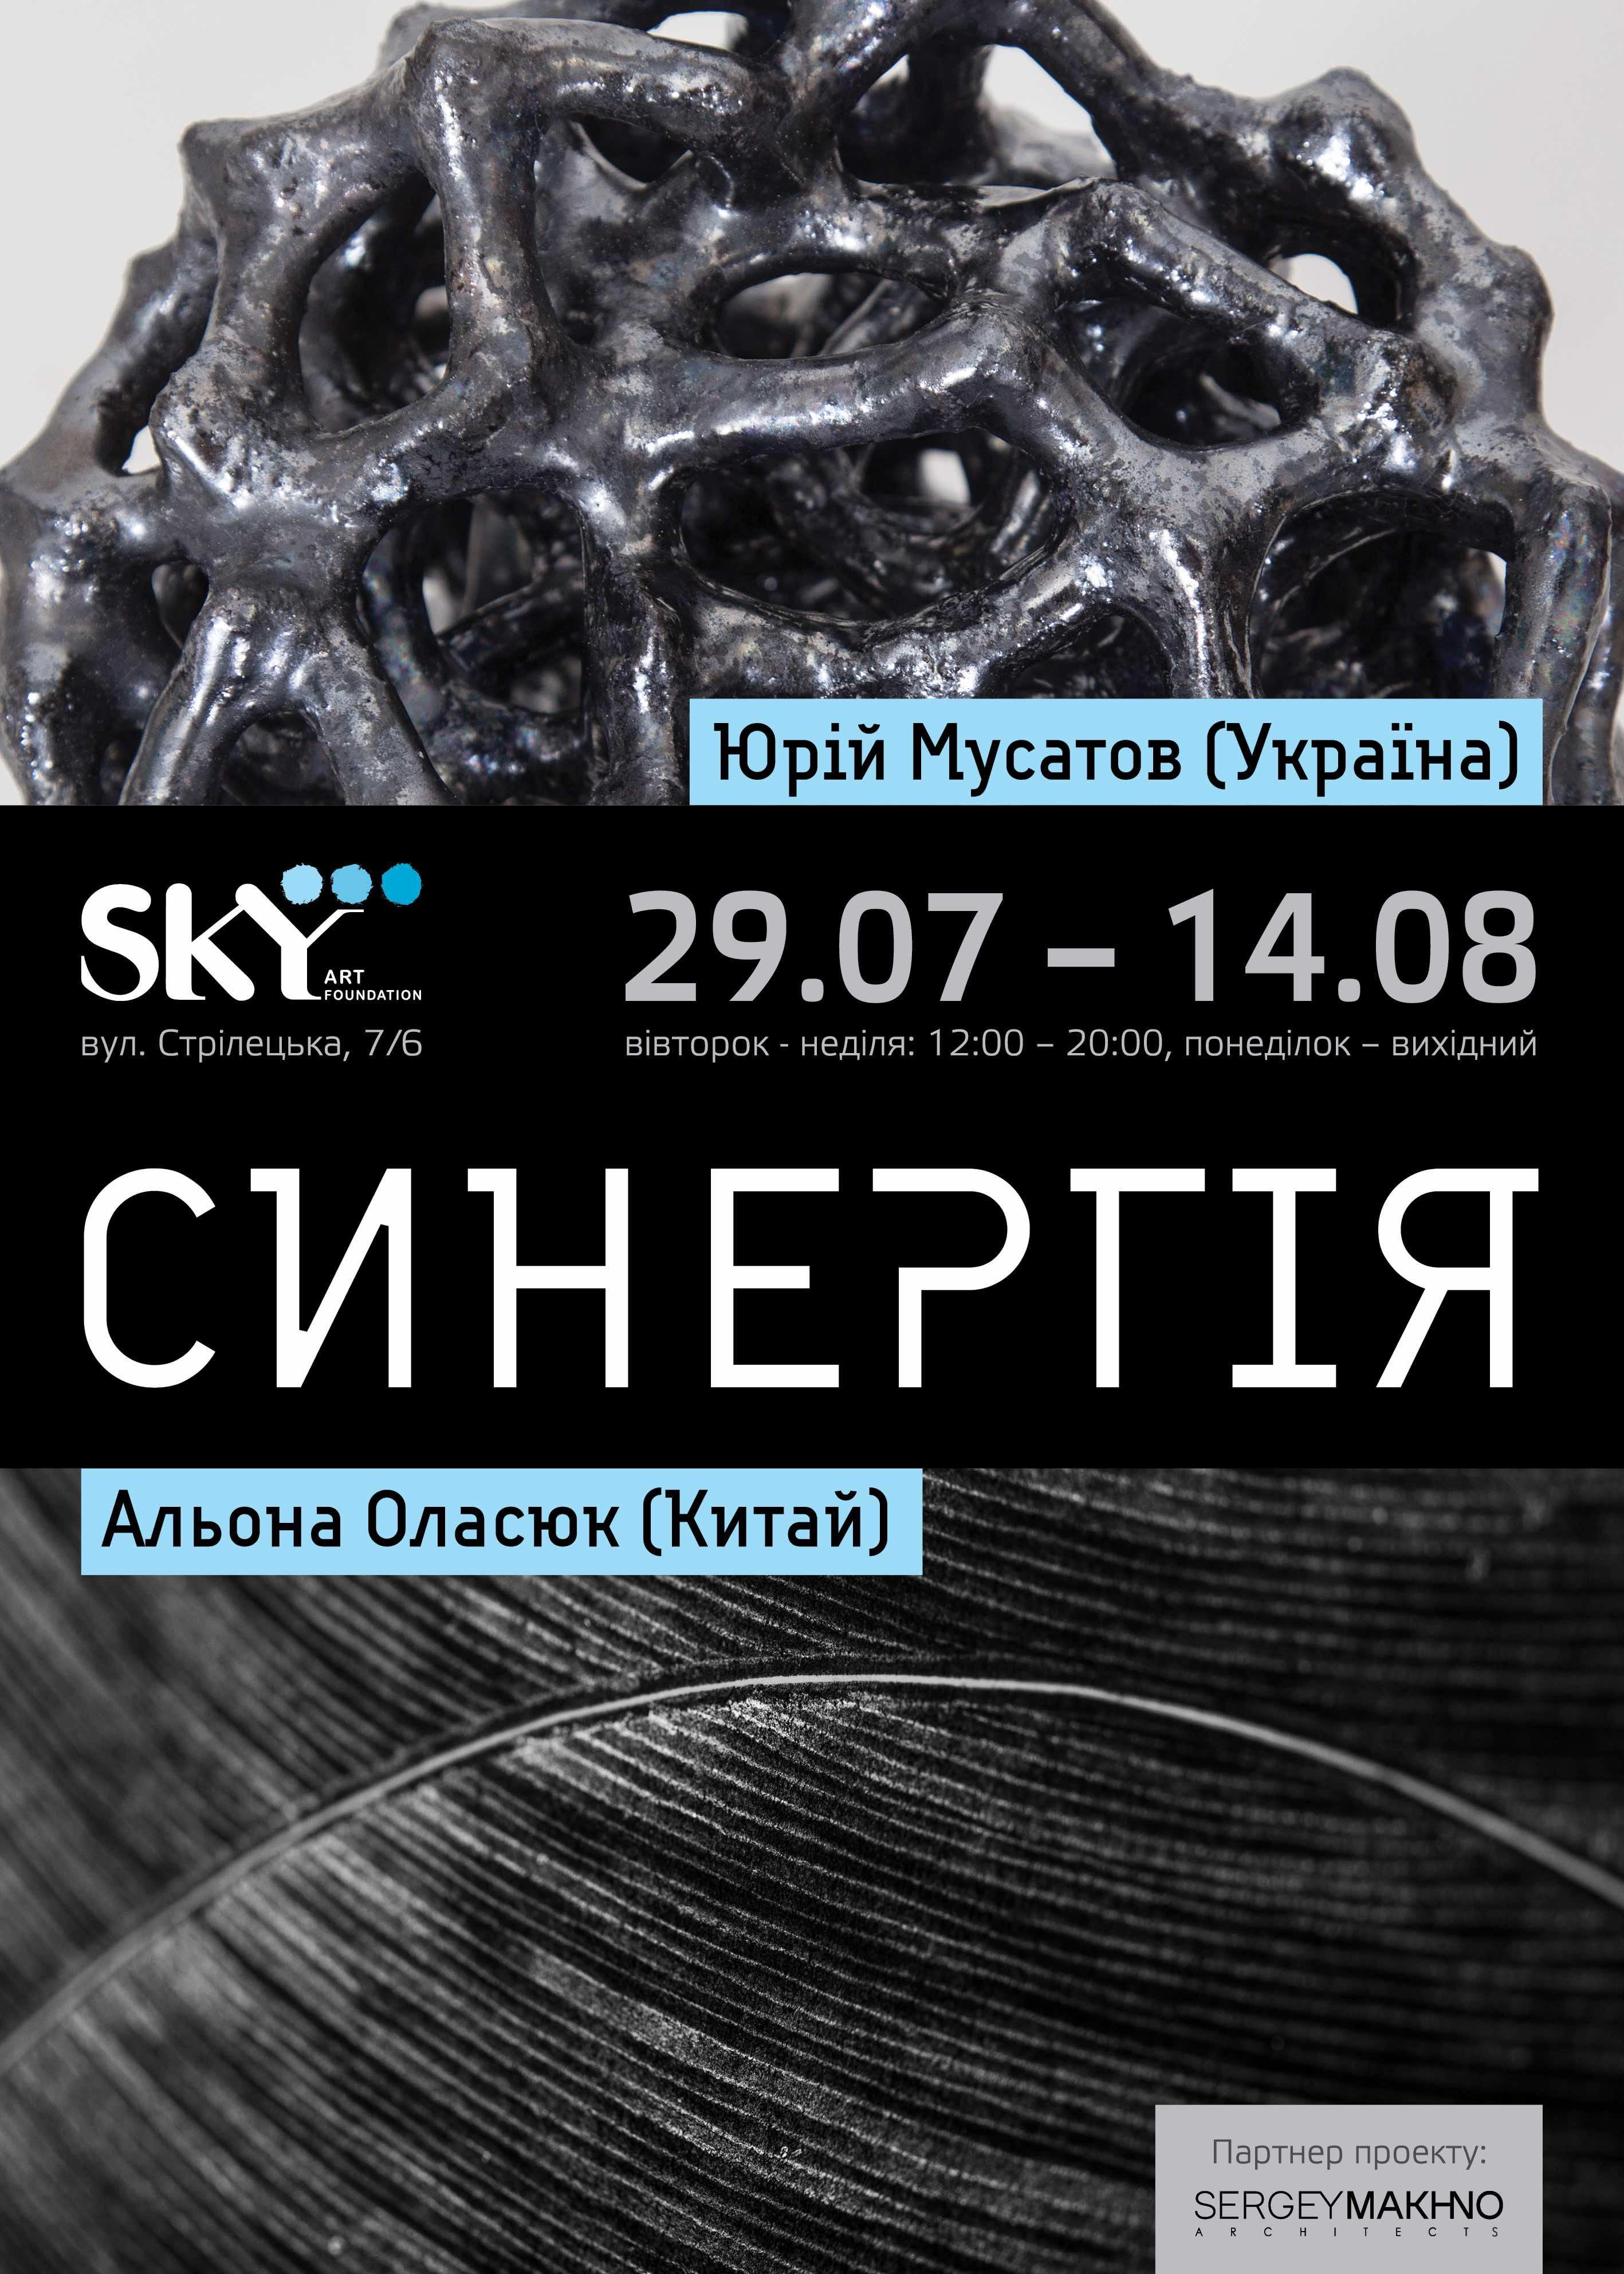 Українсько-китайський арт-проект презентують у Києві  - фото 1